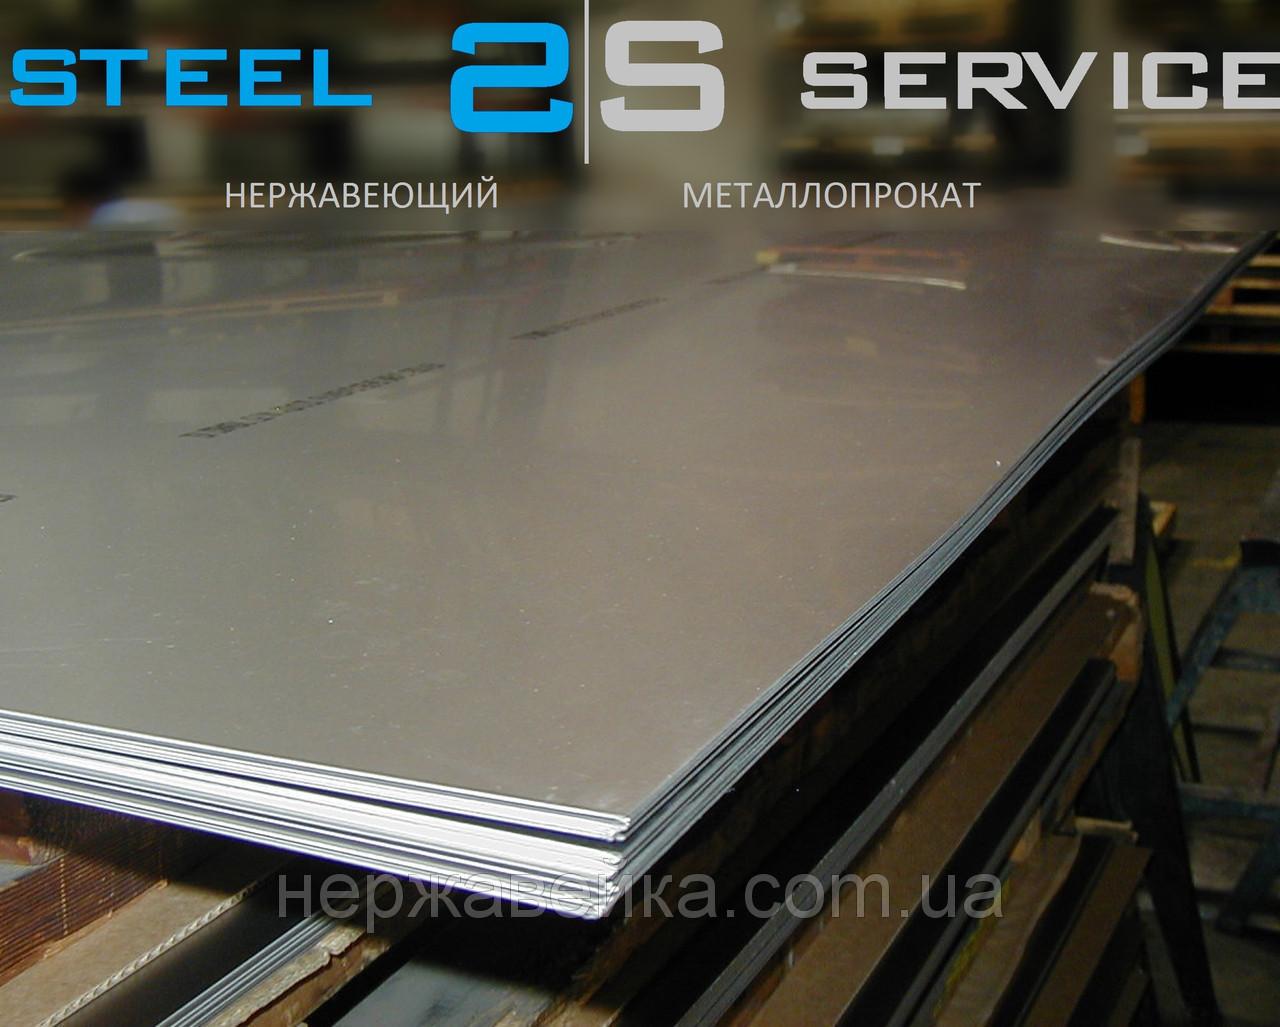 Нержавейка лист 20х1500х6000мм  AISI 309(20Х23Н13, 20Х20Н14С2) F1 - горячекатанный,  жаропрочный